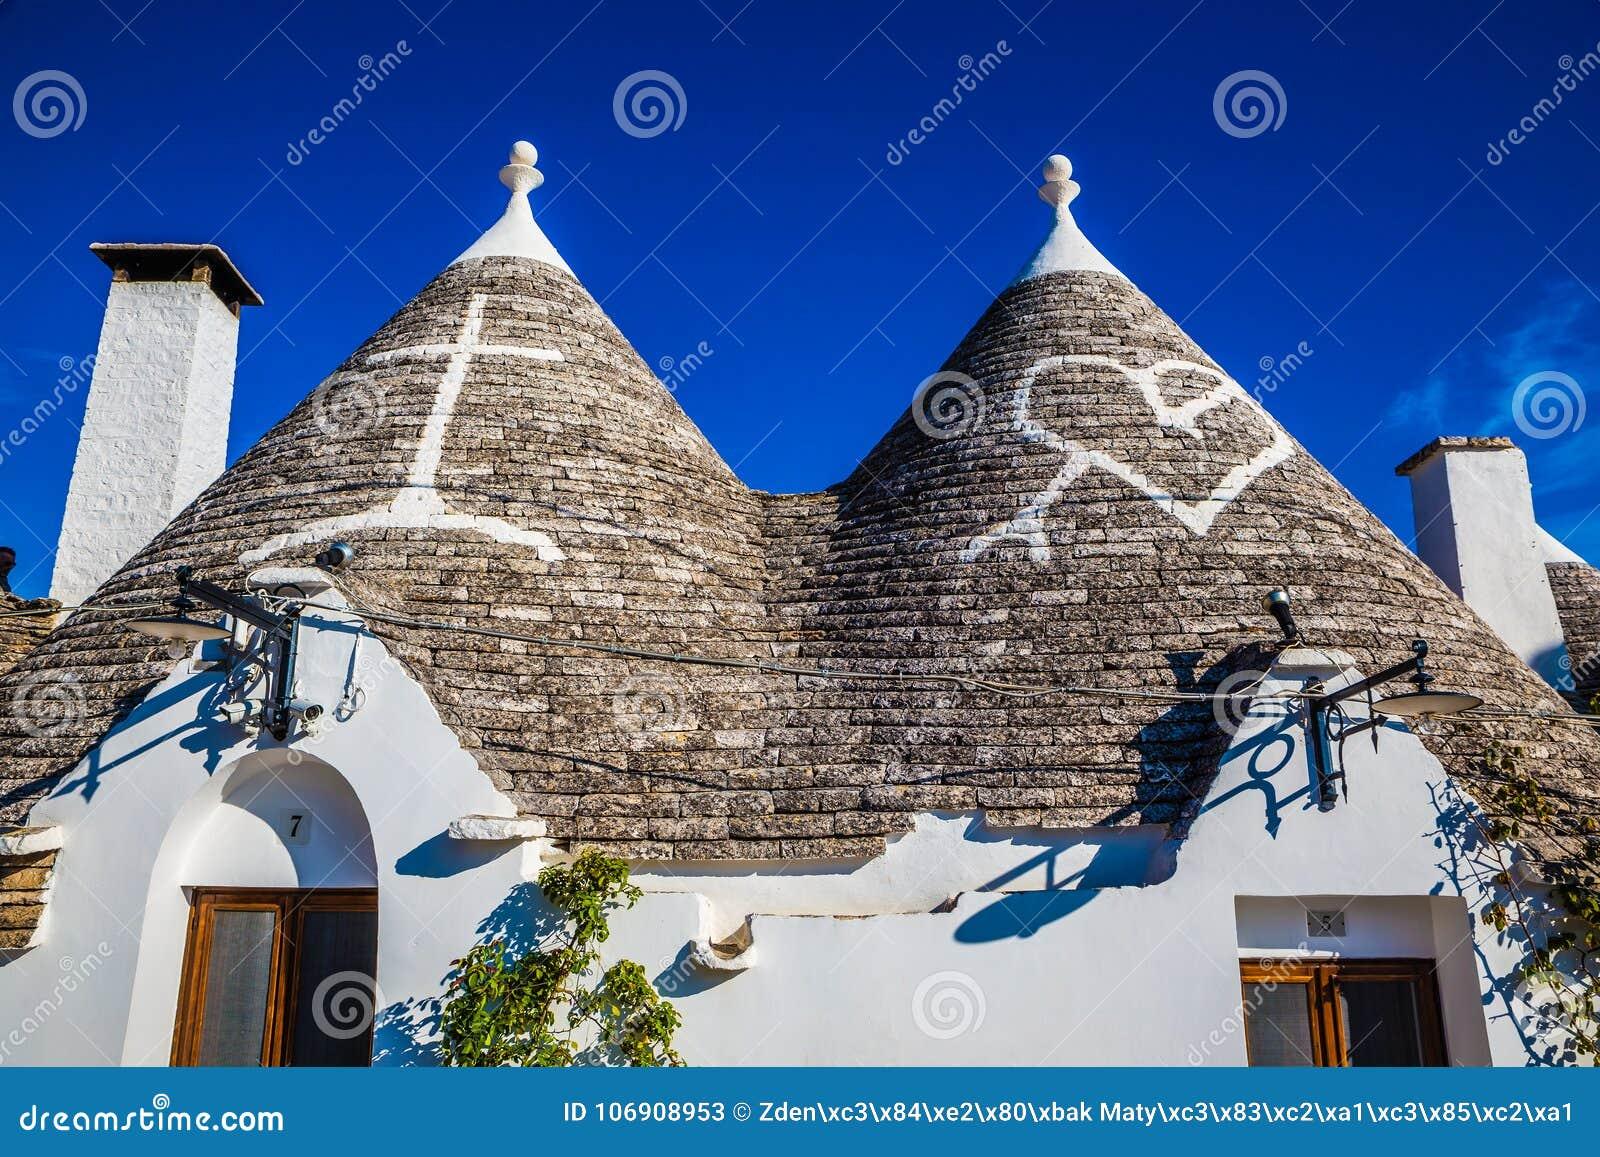 Alberobello Z Trulli domami - Apulia, Włochy